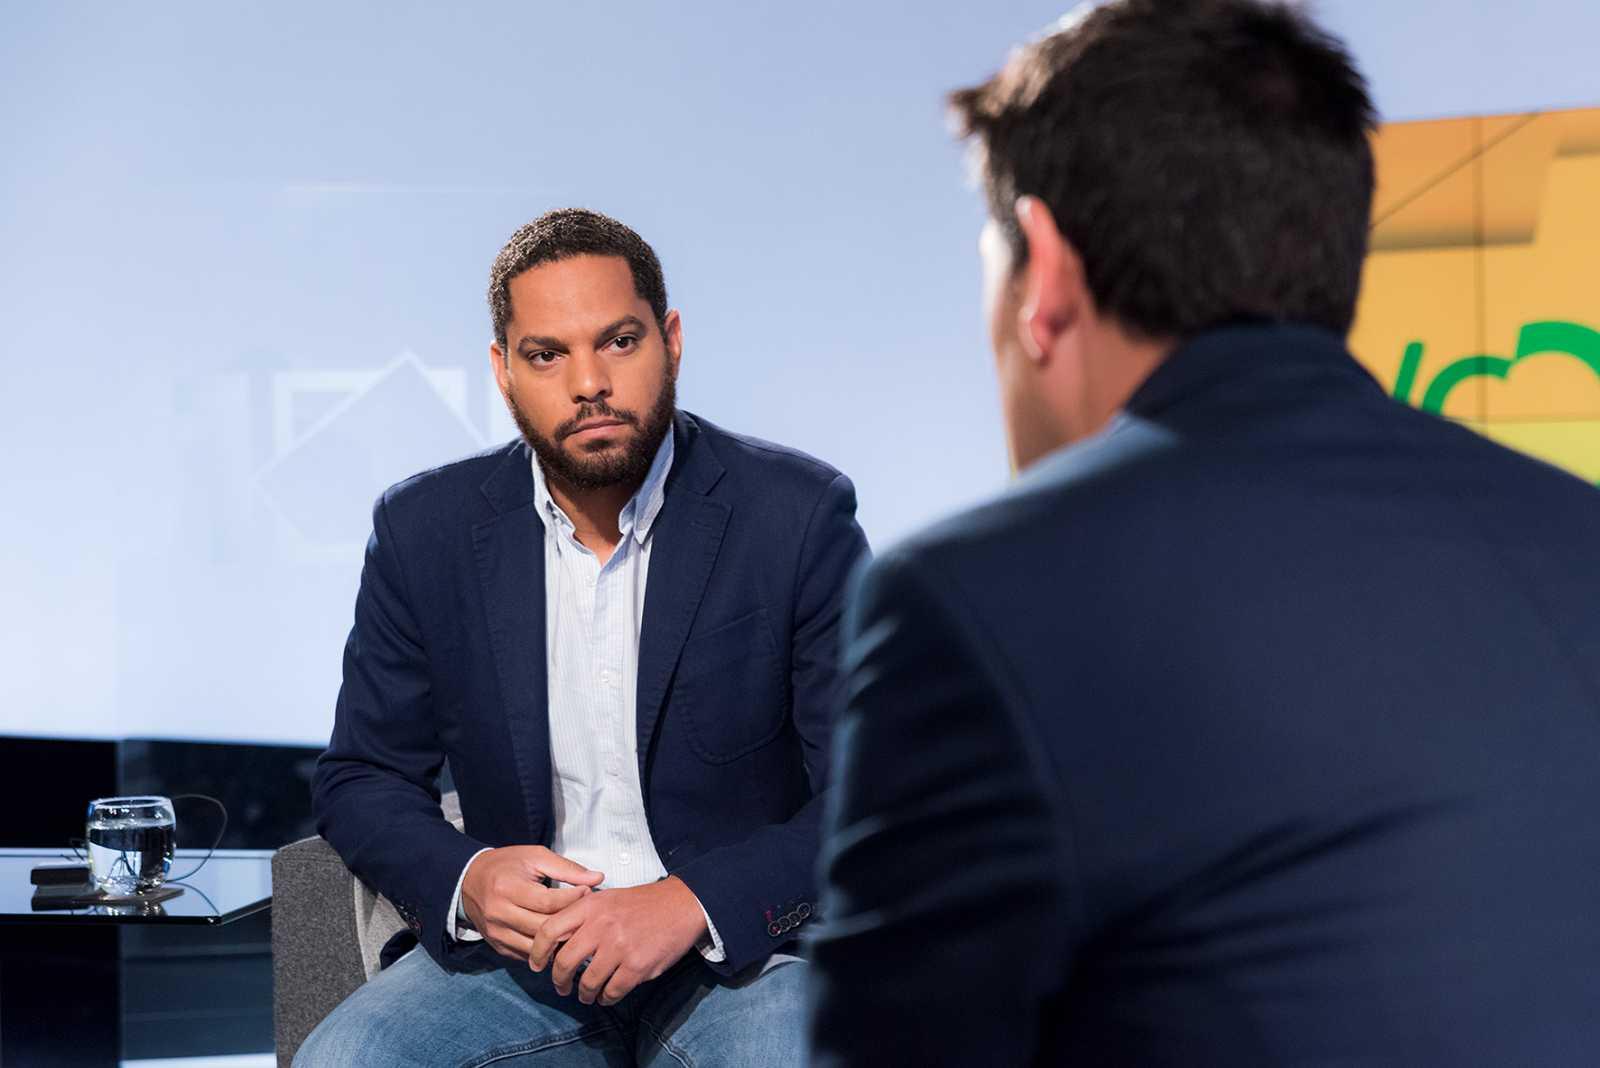 Entrevistes electorals - Ignacio Garriga de VOX